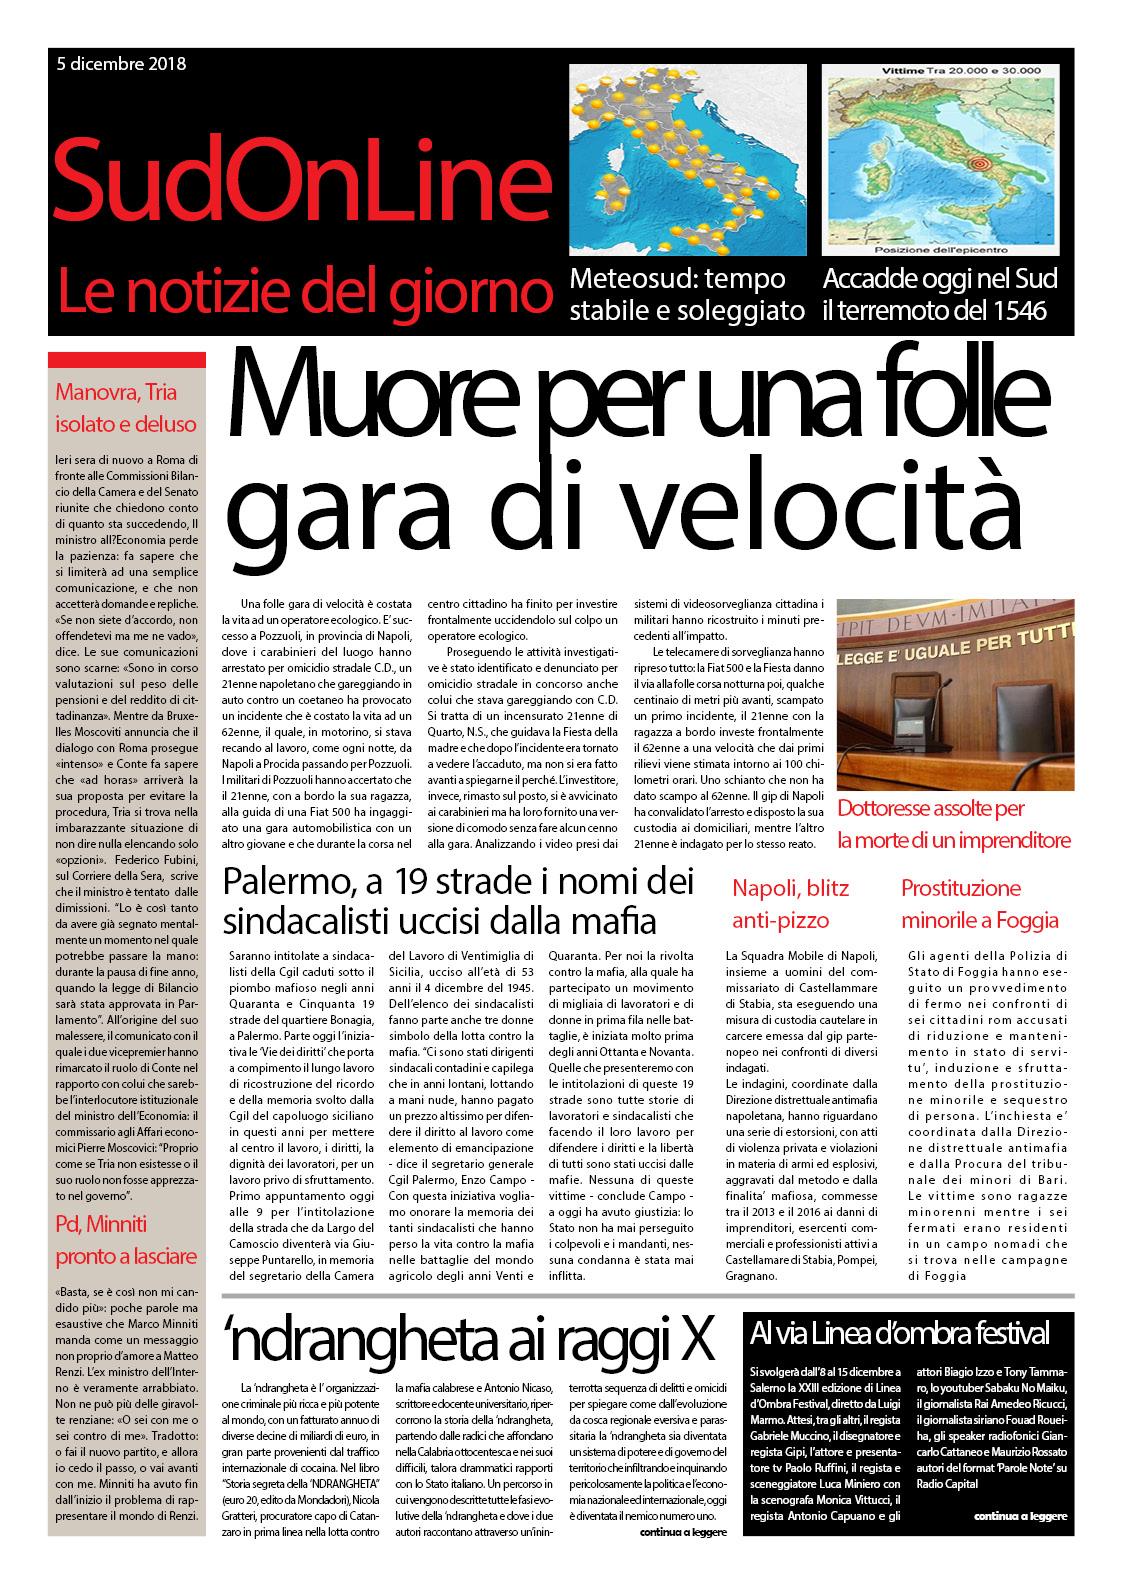 Il SudOnLine quotidiano di martedì 5 dicembre. Gara di velocità mortale a Napoli – Blitz mondiale contro la 'ndrangheta – Il terremoto del 1546 che distrusse il Sud